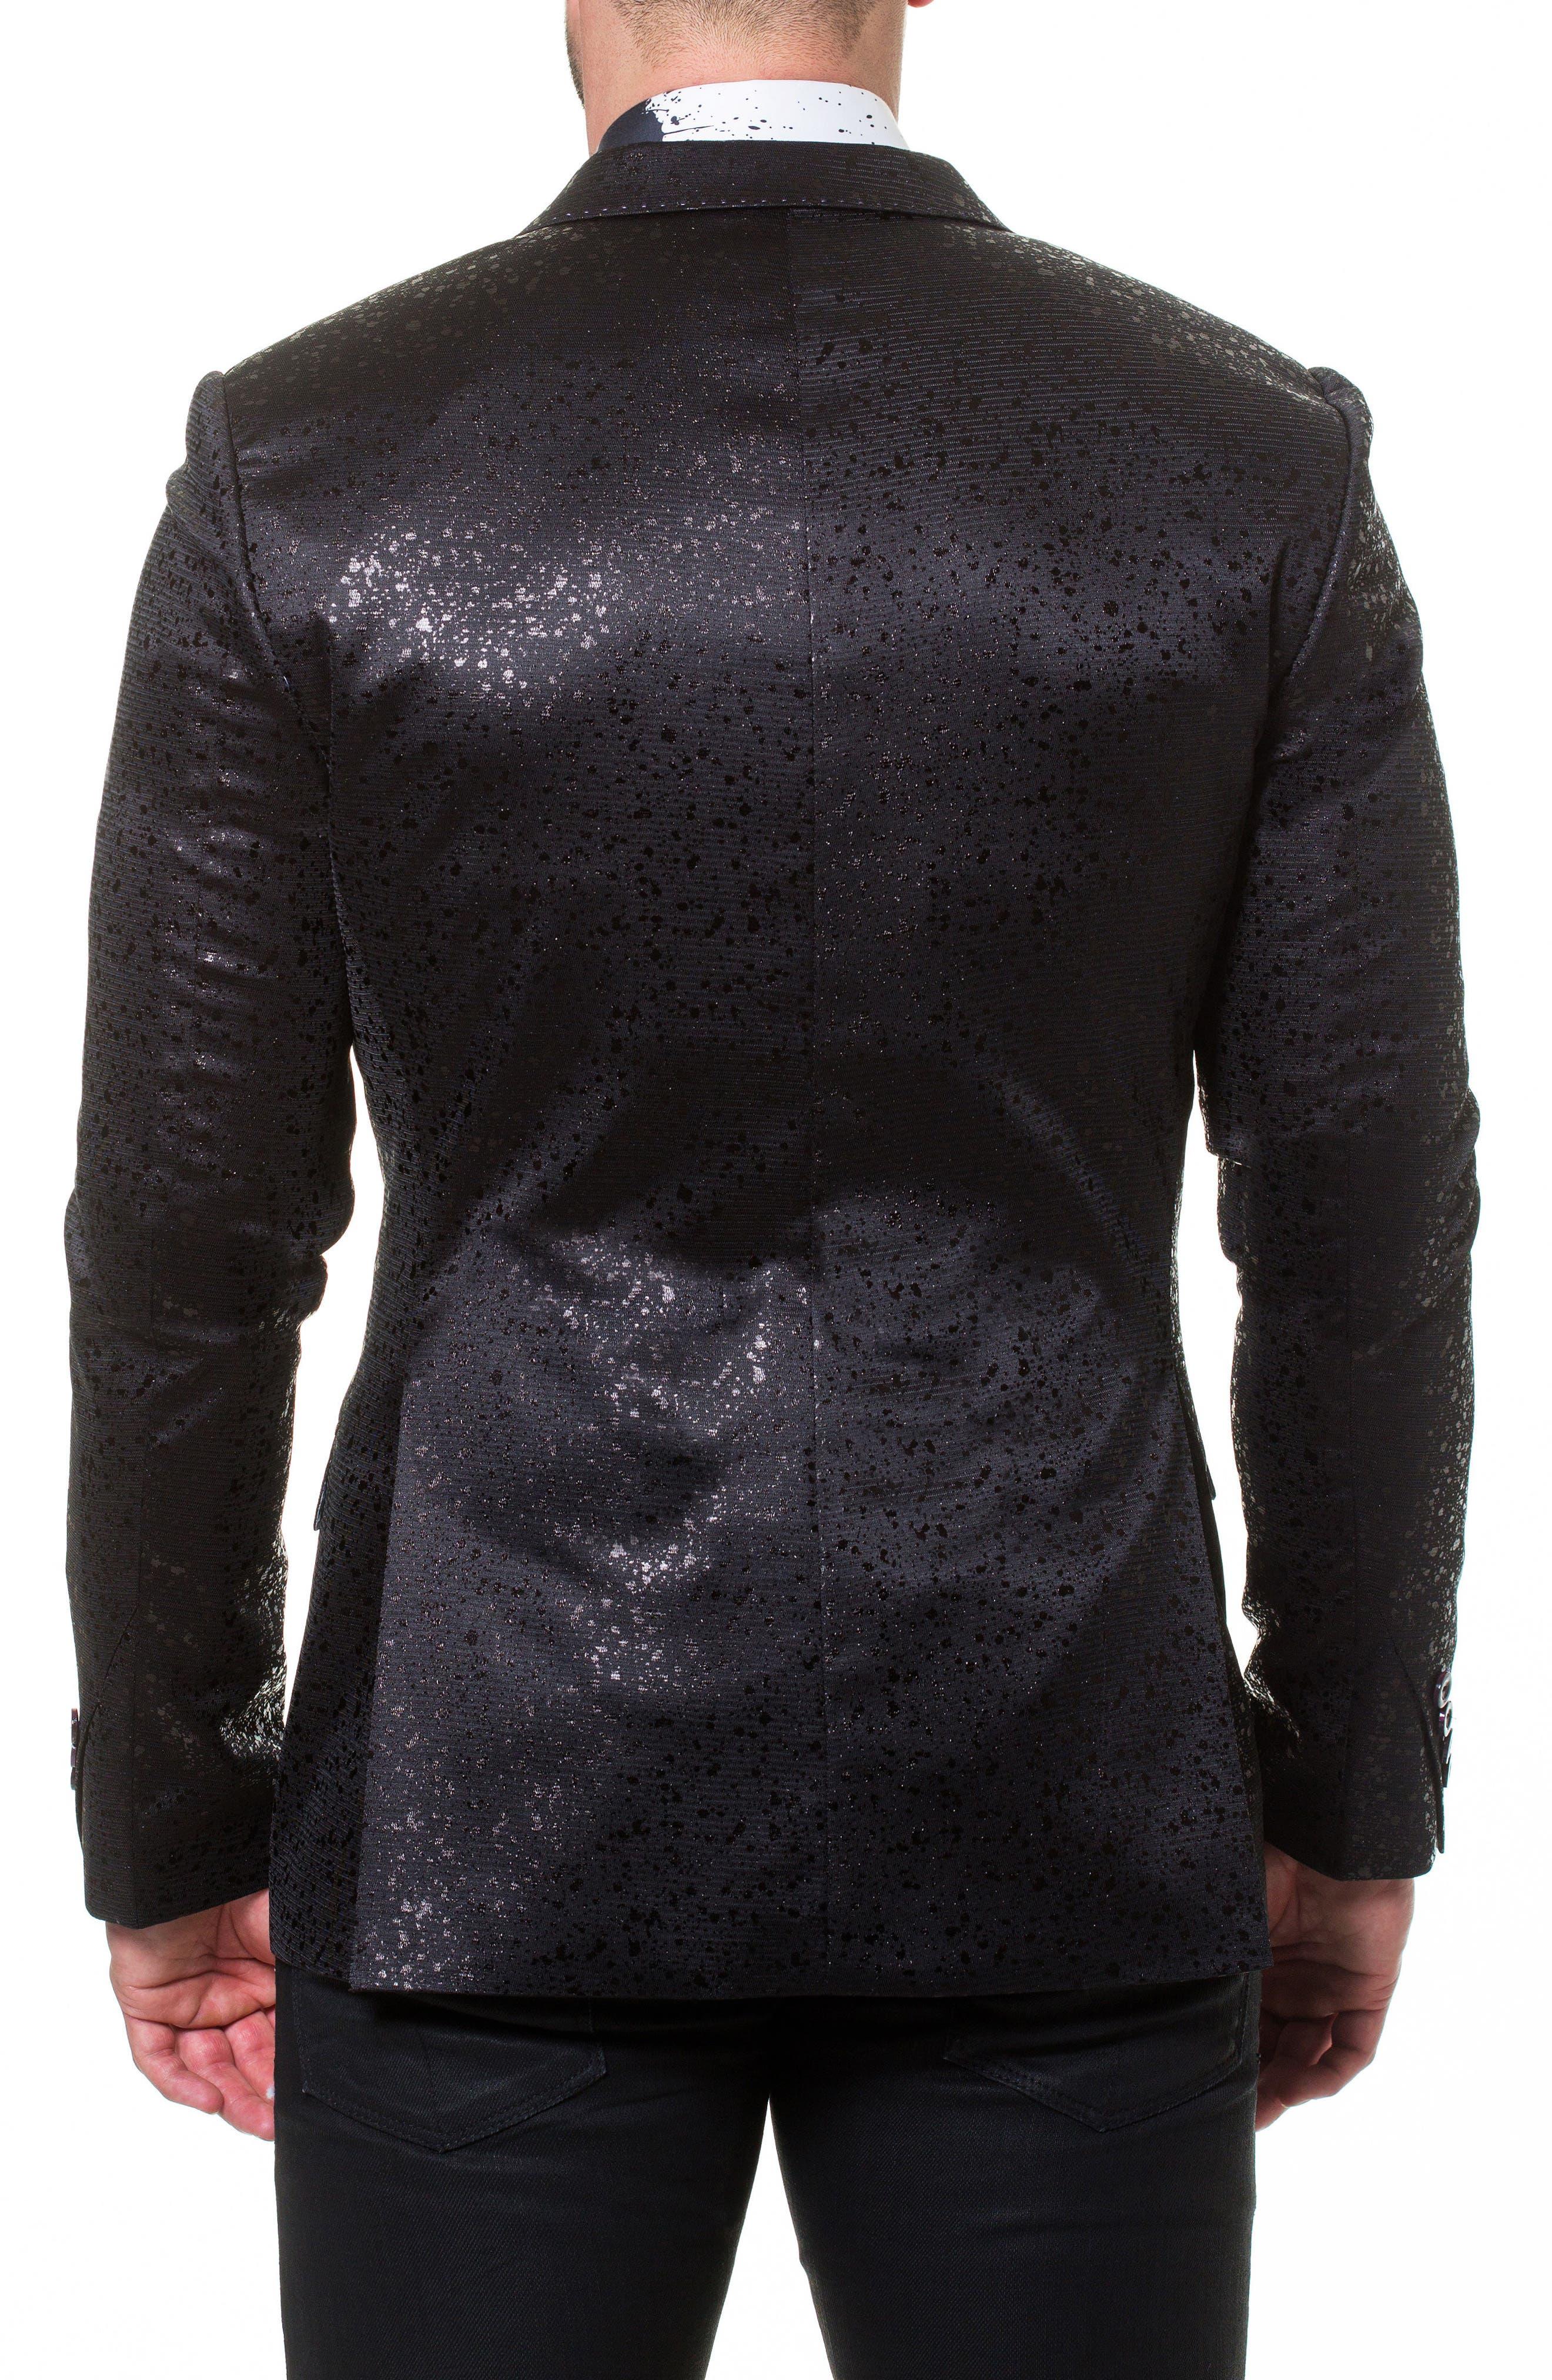 Elegance Splatter Sport Coat,                             Alternate thumbnail 2, color,                             Black